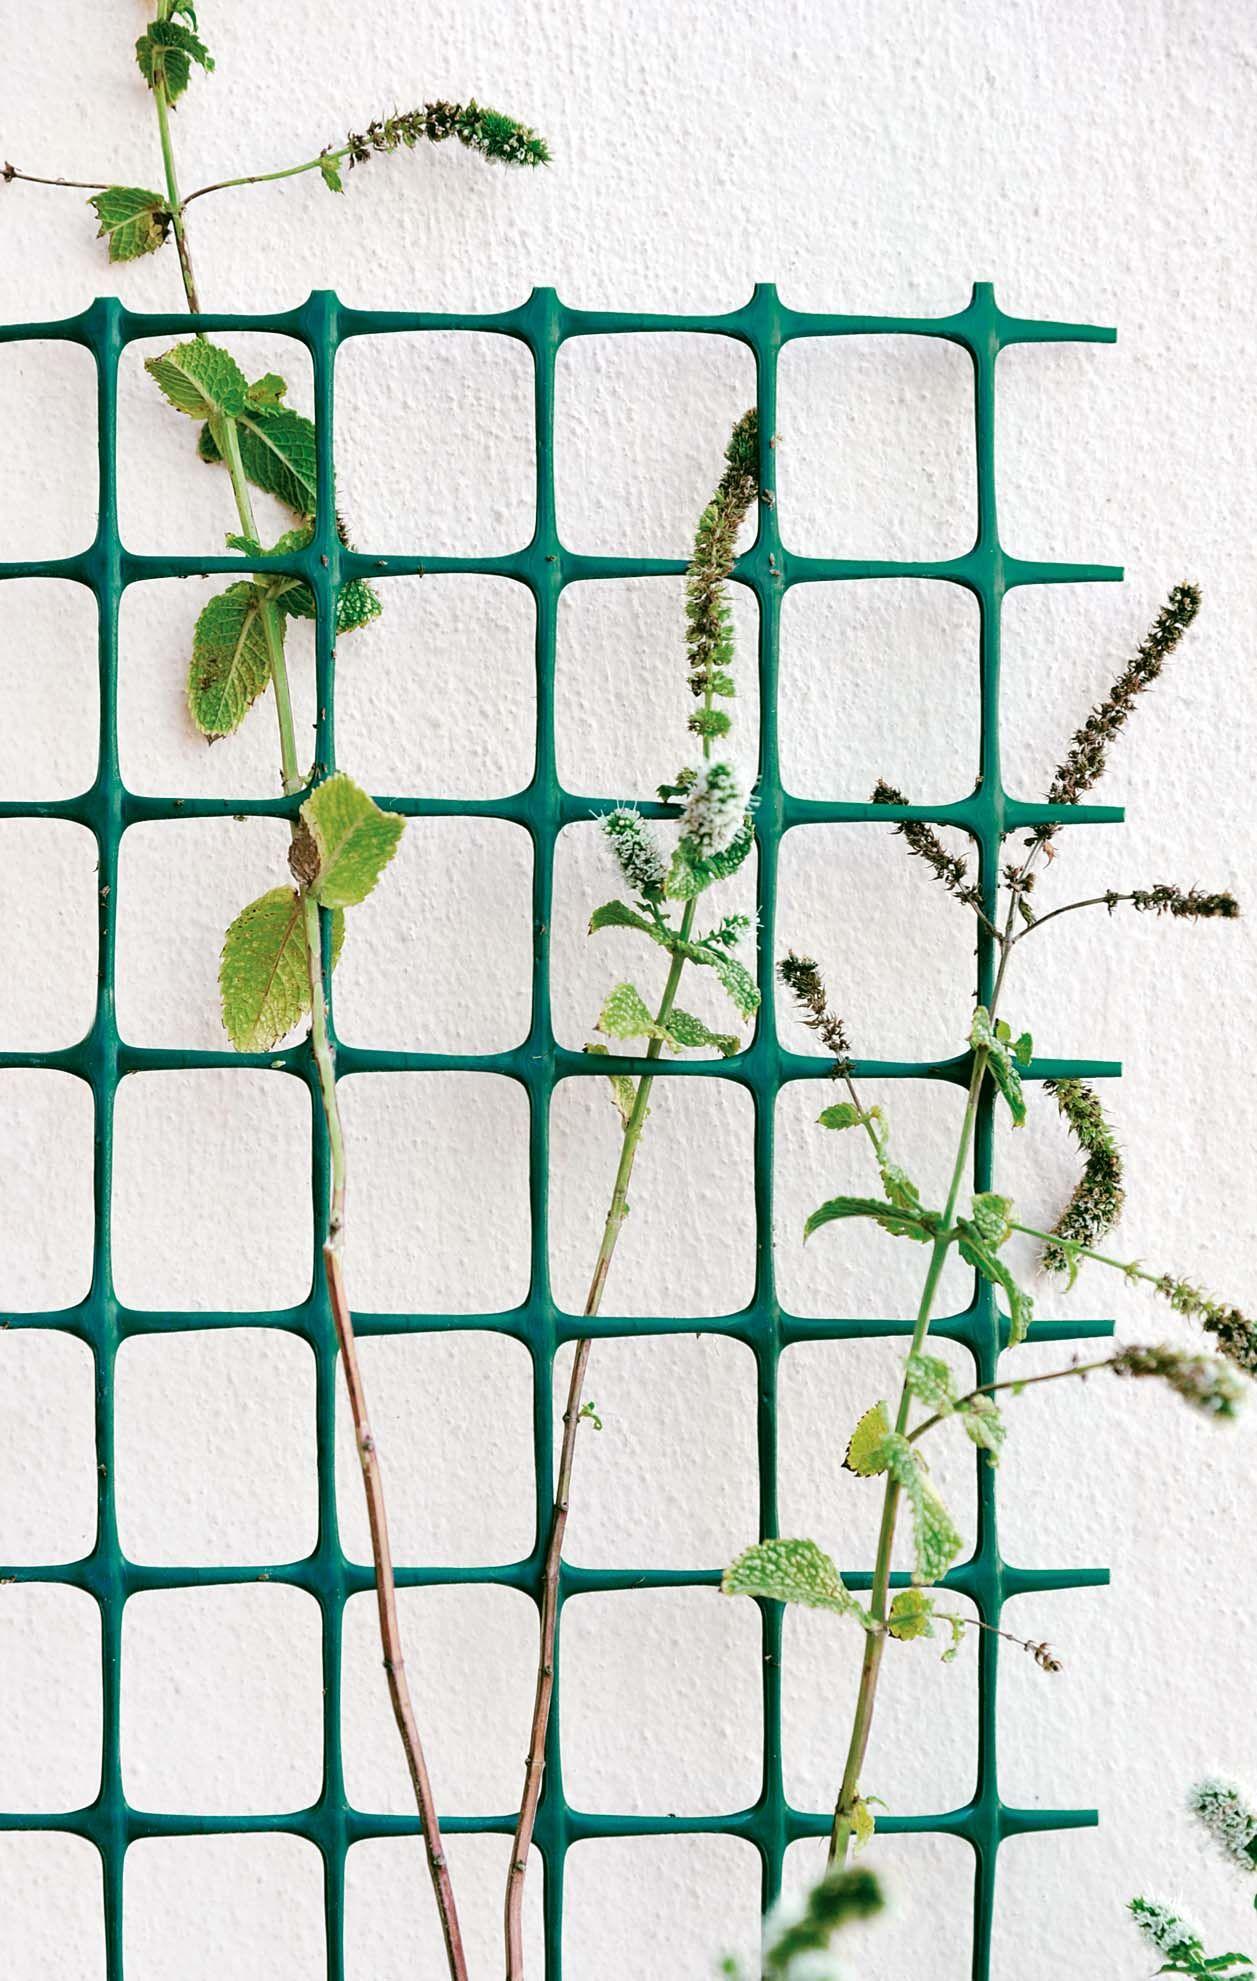 Rete Plastica Per Giardino.Rete In Plastica Ideale Per Recintare Il Giardino O Da Usare Come